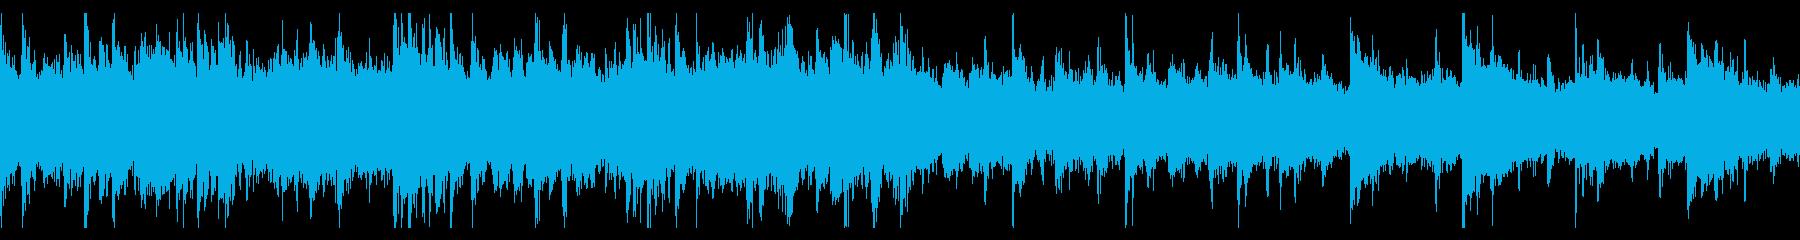 爽やかピアノメイン(ループ仕様)ver2の再生済みの波形